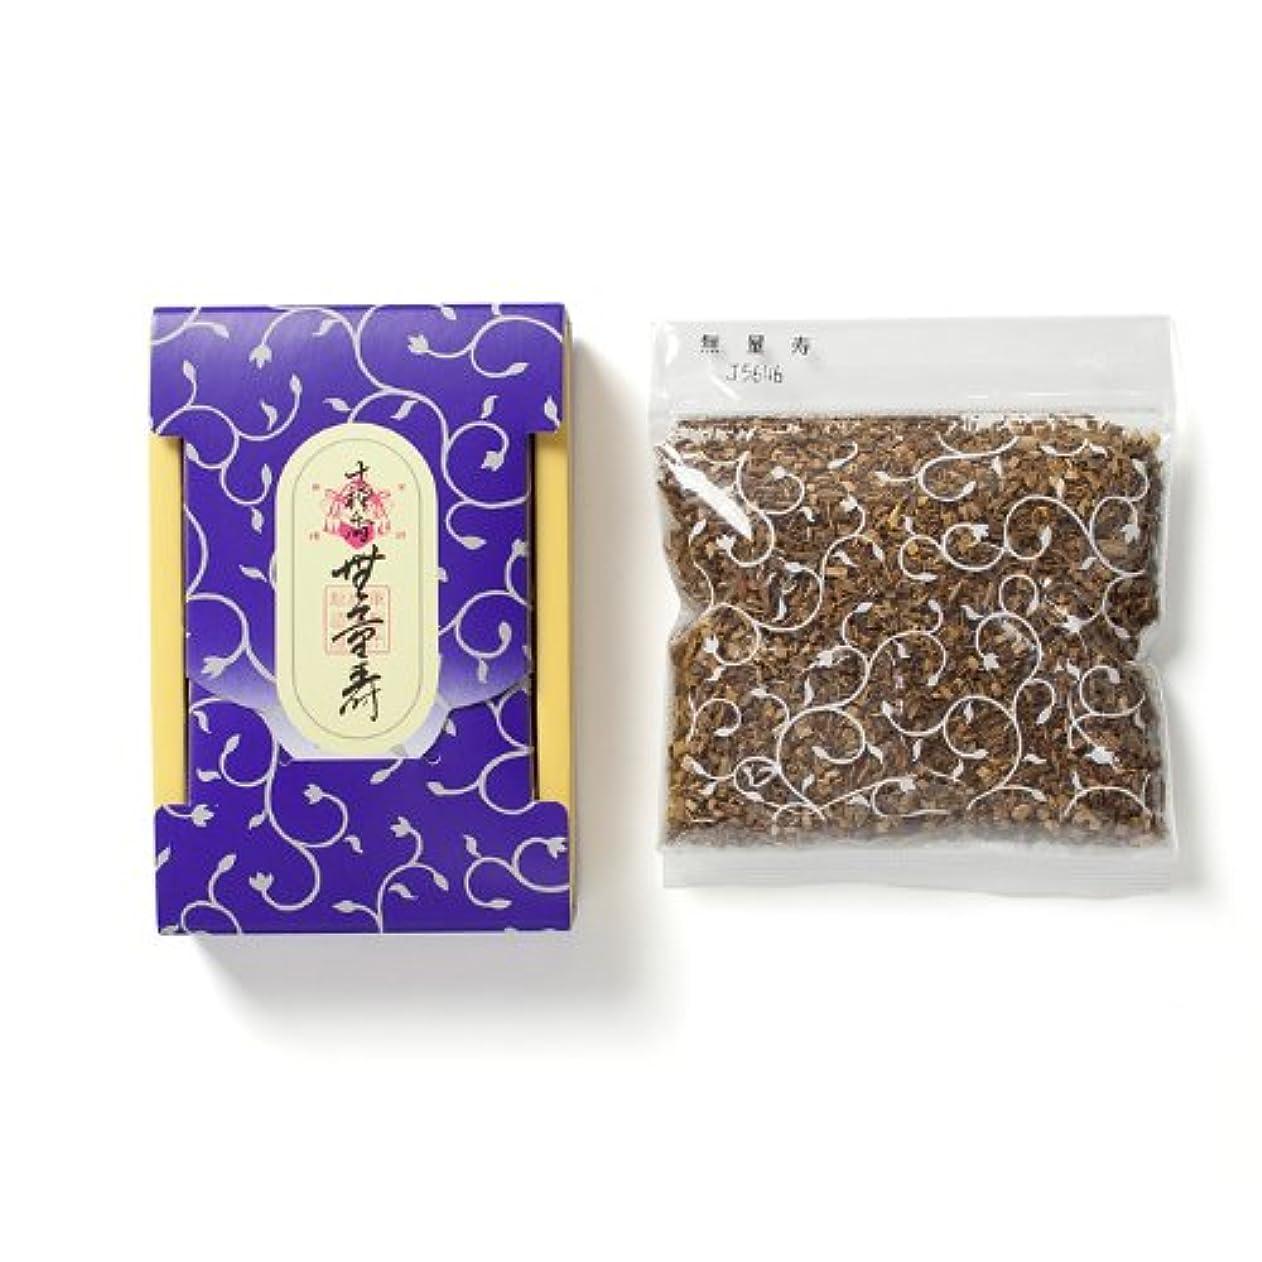 証言するブレス流暢松栄堂のお焼香 十種香 無量寿 25g詰 小箱入 #410841